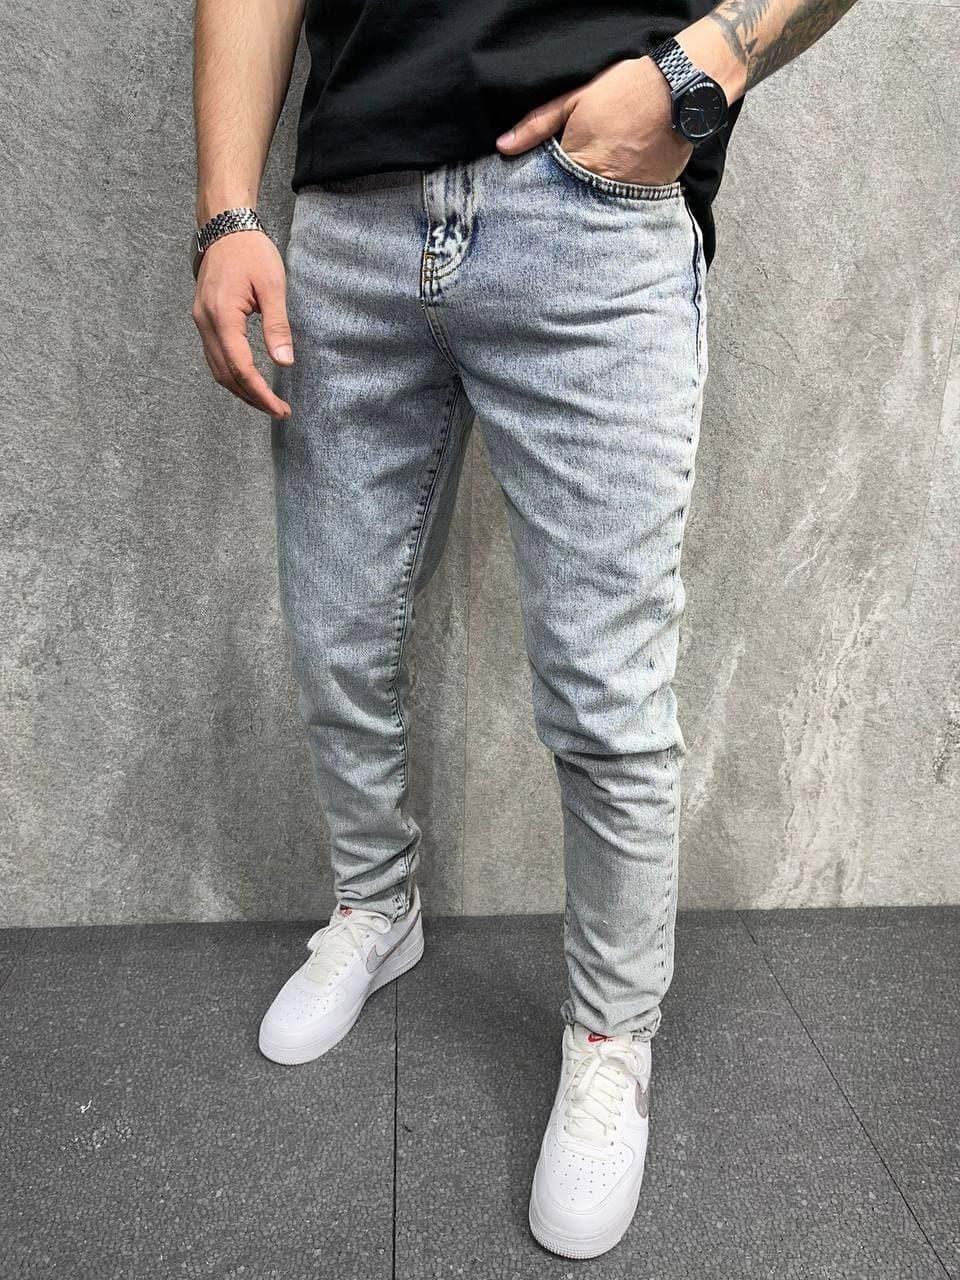 Мужские зауженные джинсы (серый) классические легкие на лето s8123